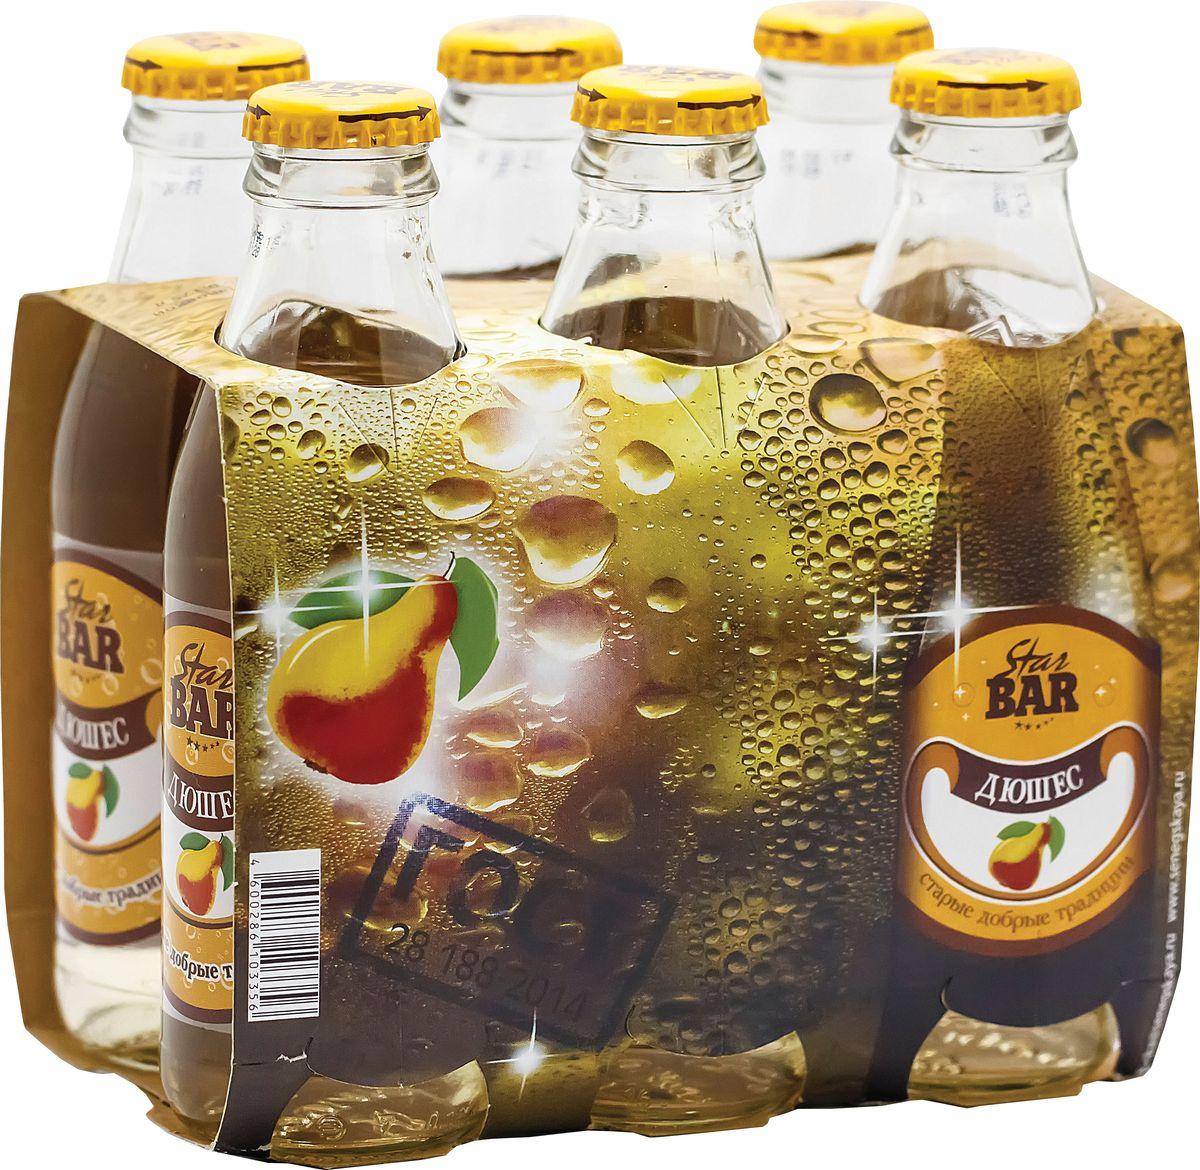 Star Bar Лимонад Дюшес, 6 шт по 0,175 л о напиток газированный дюшес о 2л